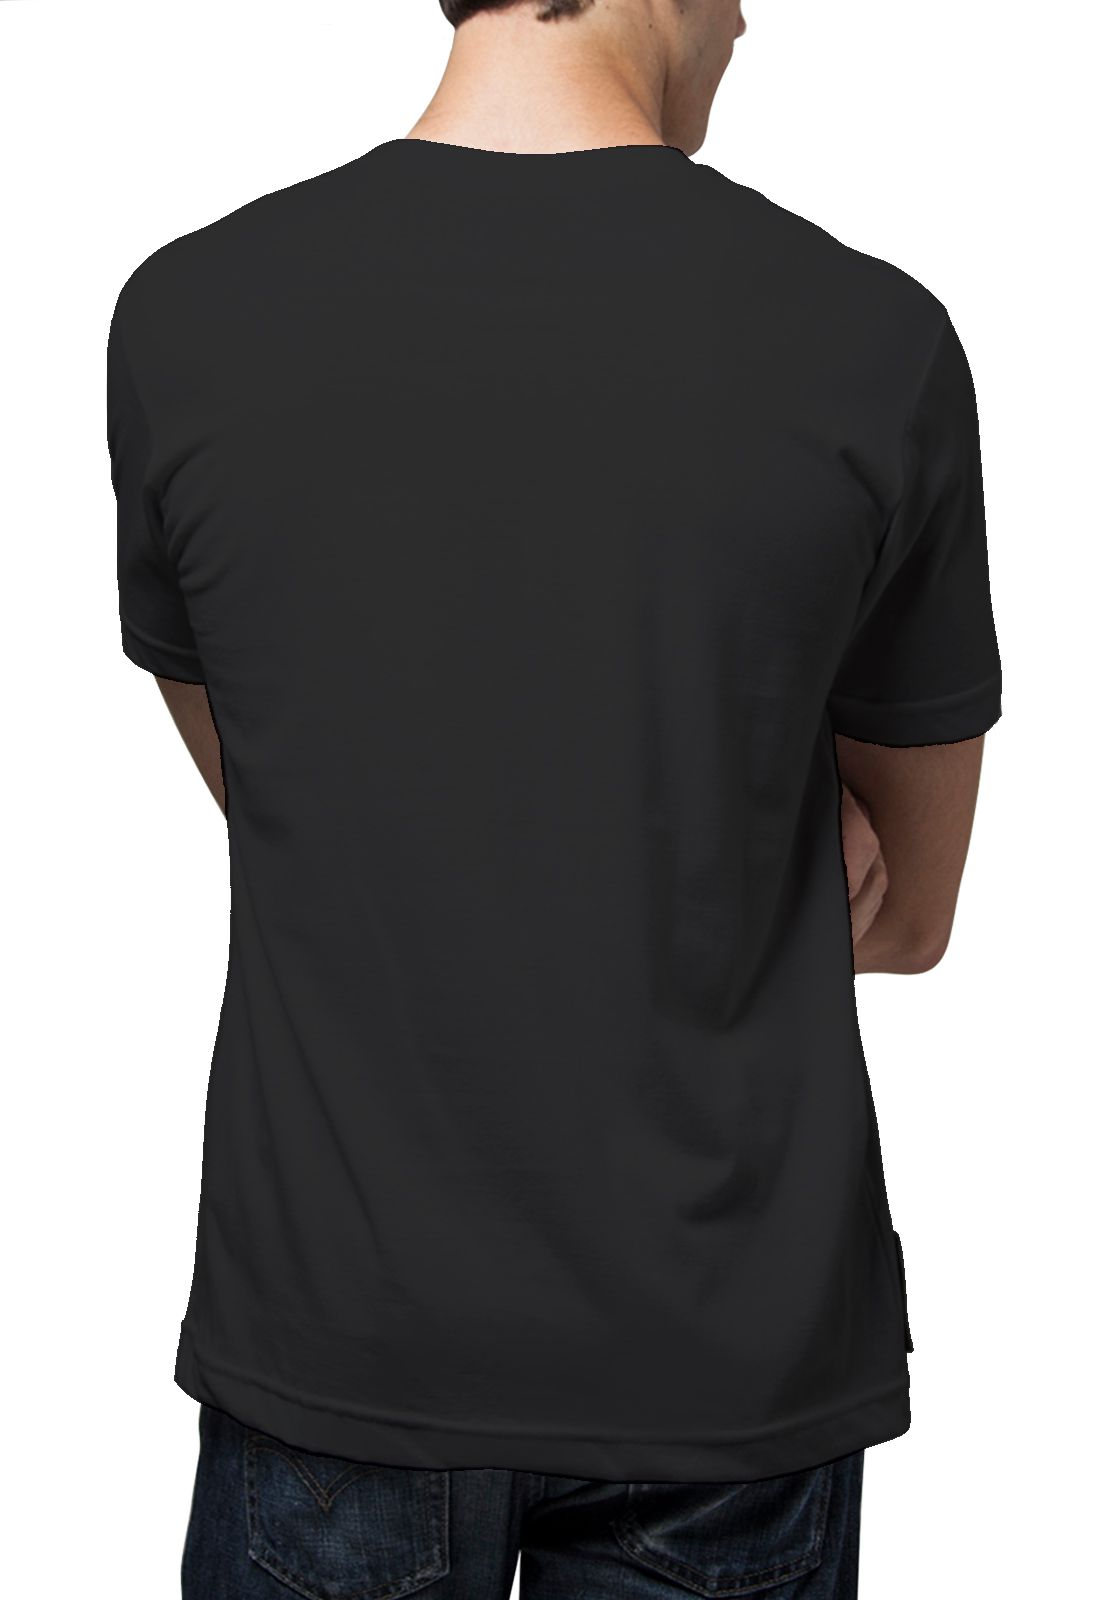 Camiseta Amazônia Coqueiro Degradê - Preto